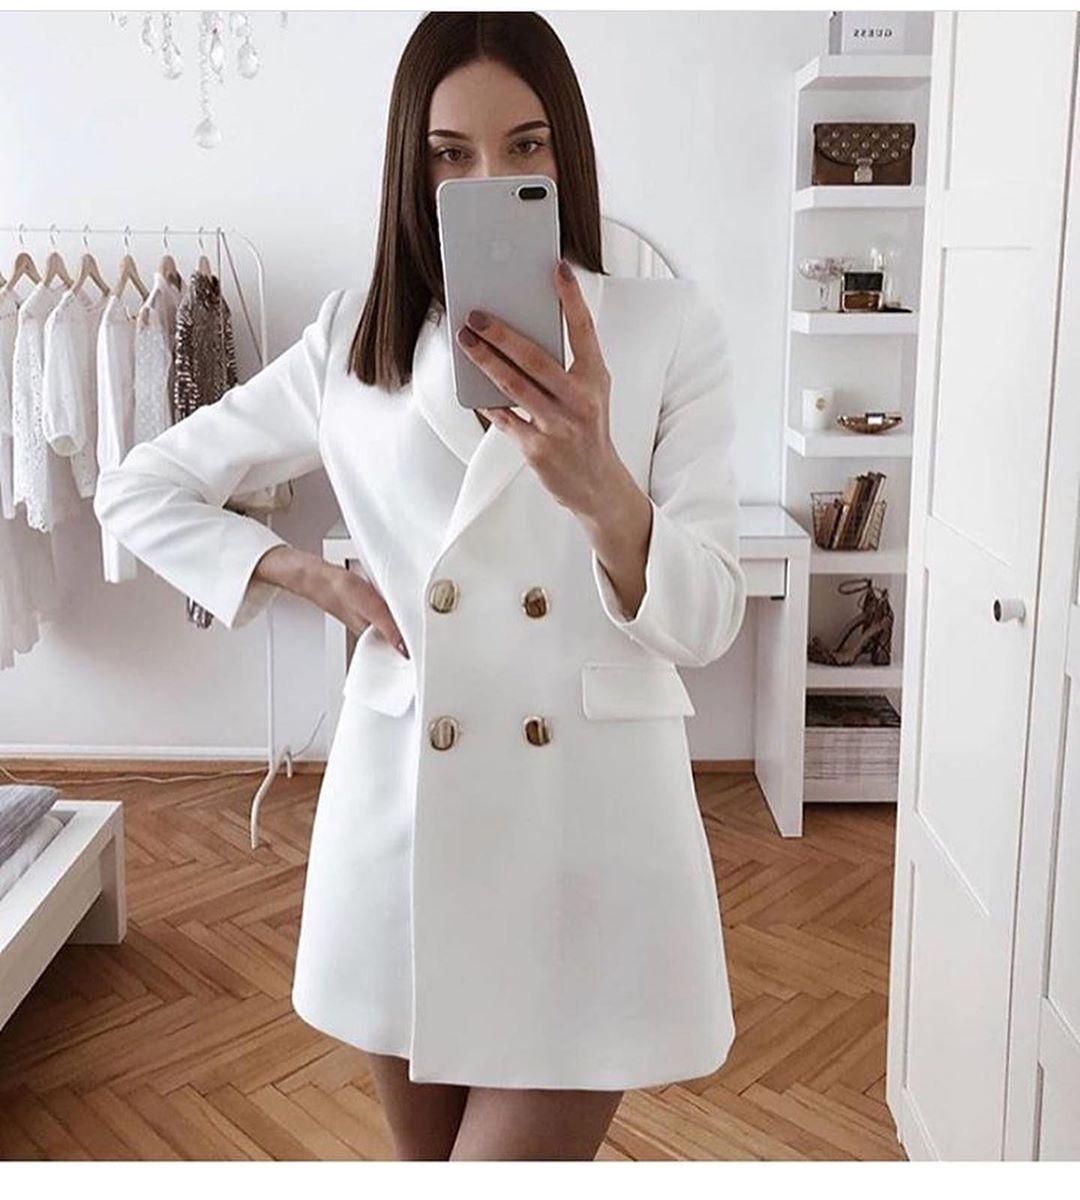 cross breasted long jacket de Zara sur look_by_zara_hm